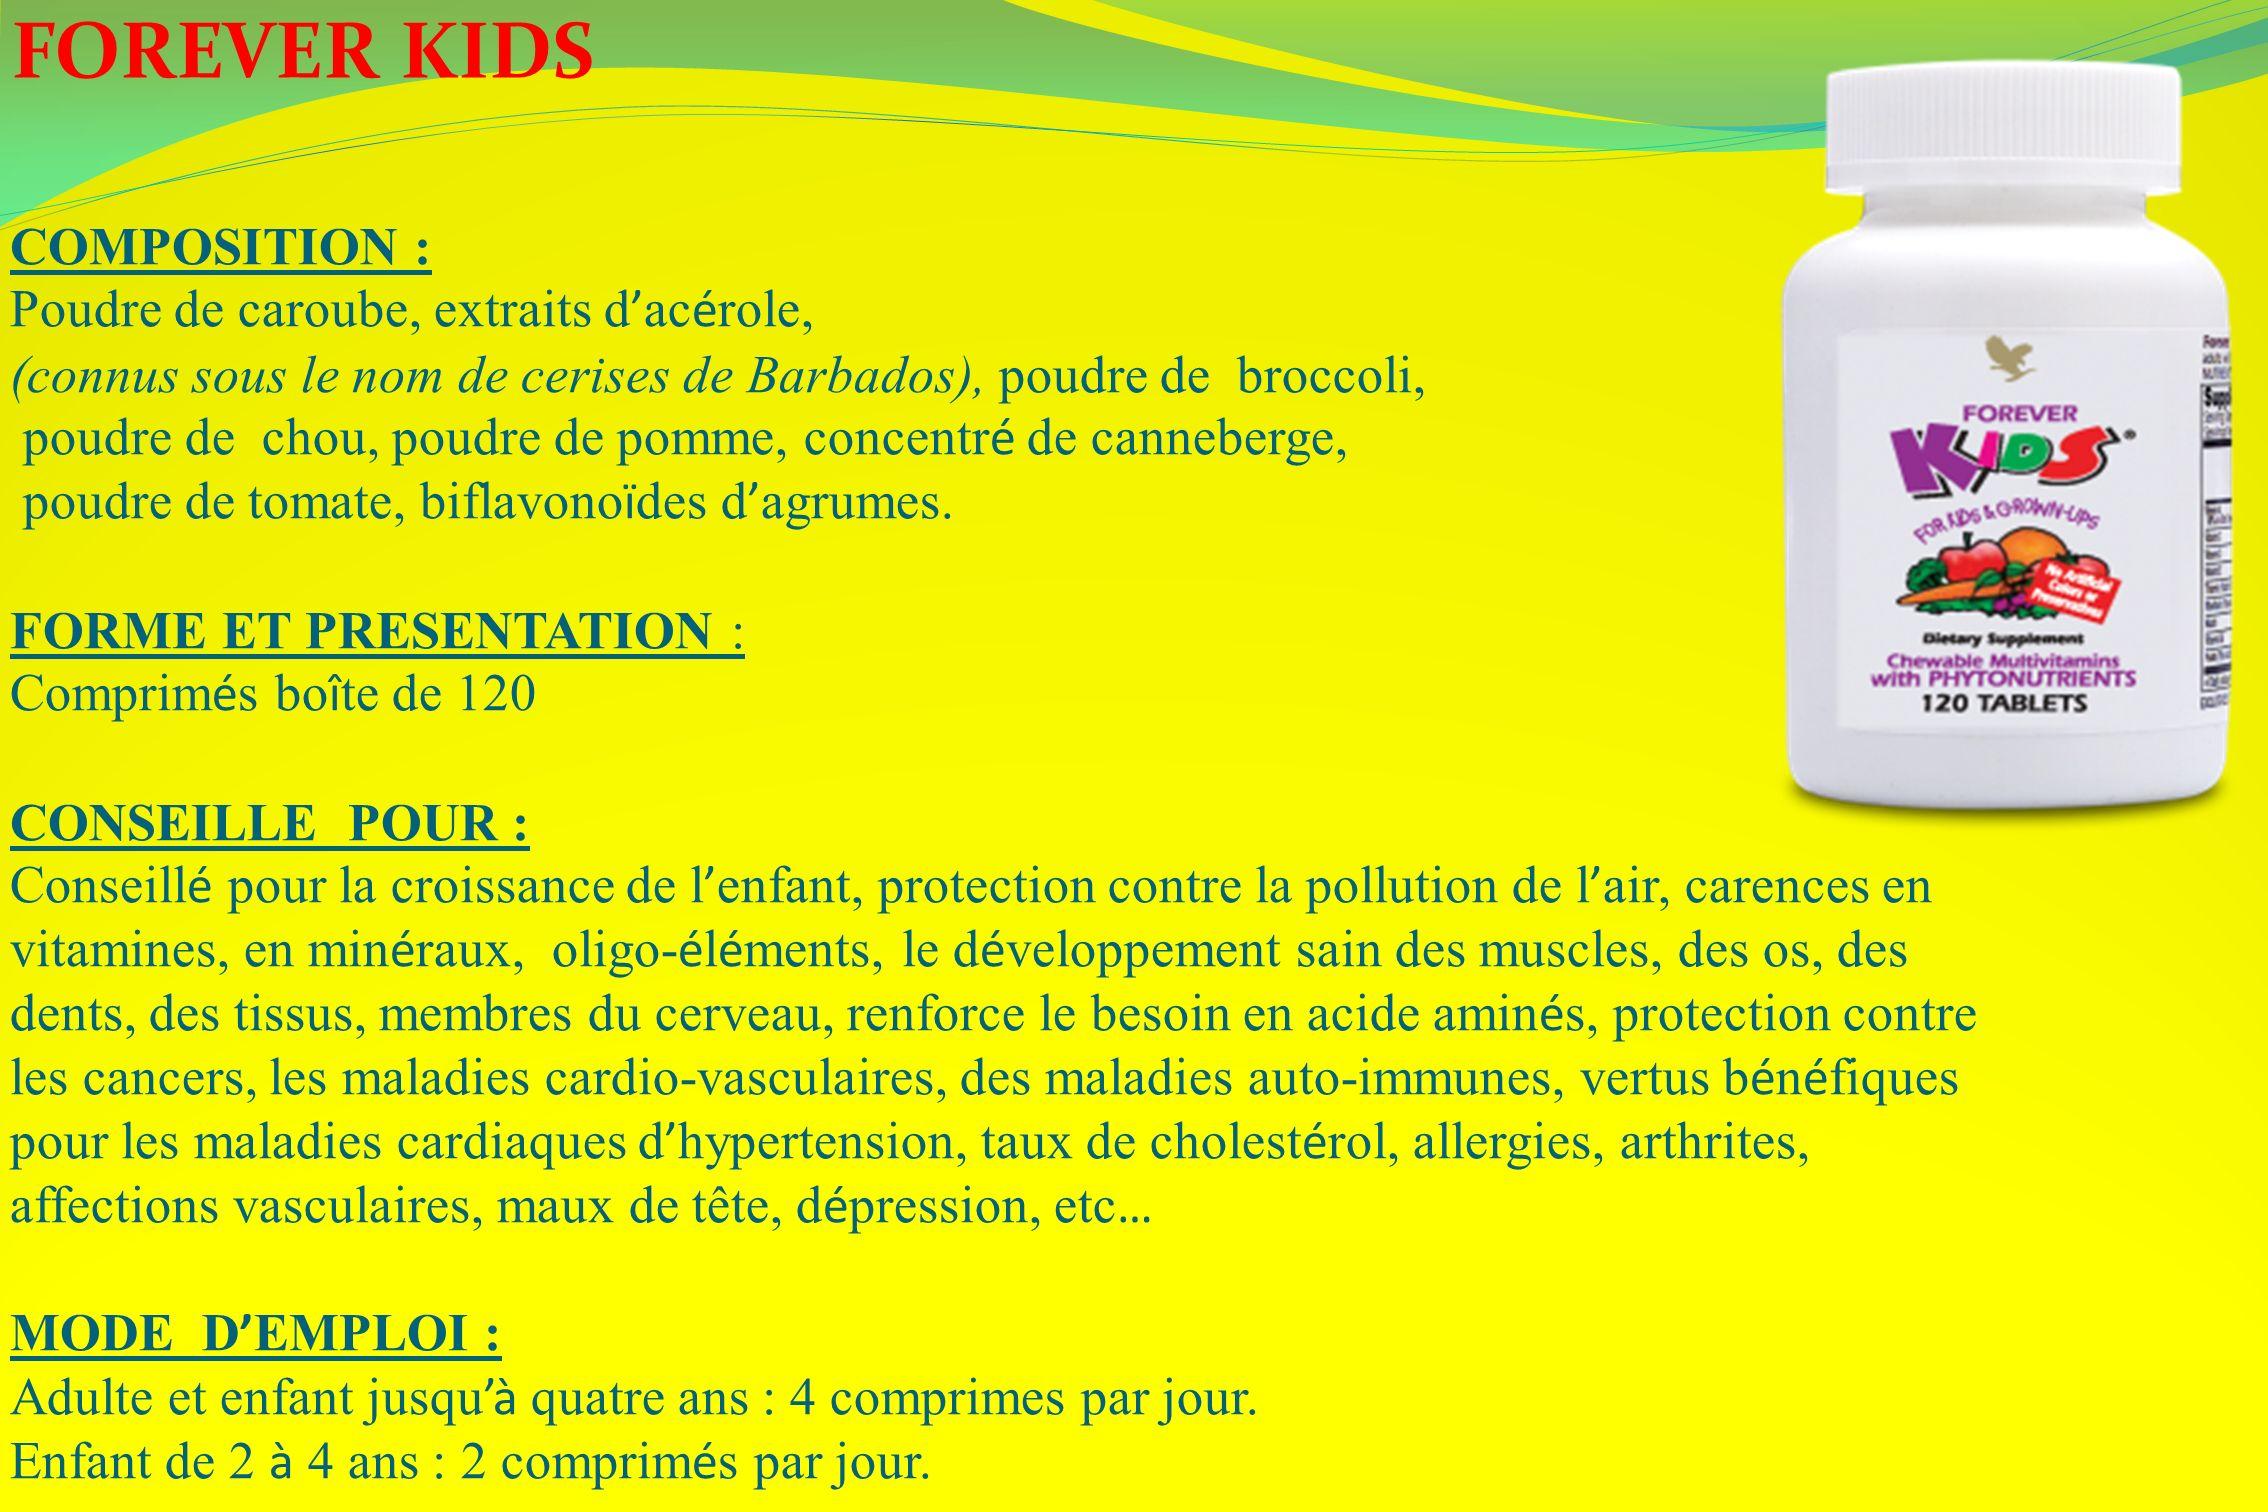 FOREVER KIDS COMPOSITION : Poudre de caroube, extraits d ac é role, (connus sous le nom de cerises de Barbados), poudre de broccoli, poudre de chou, p